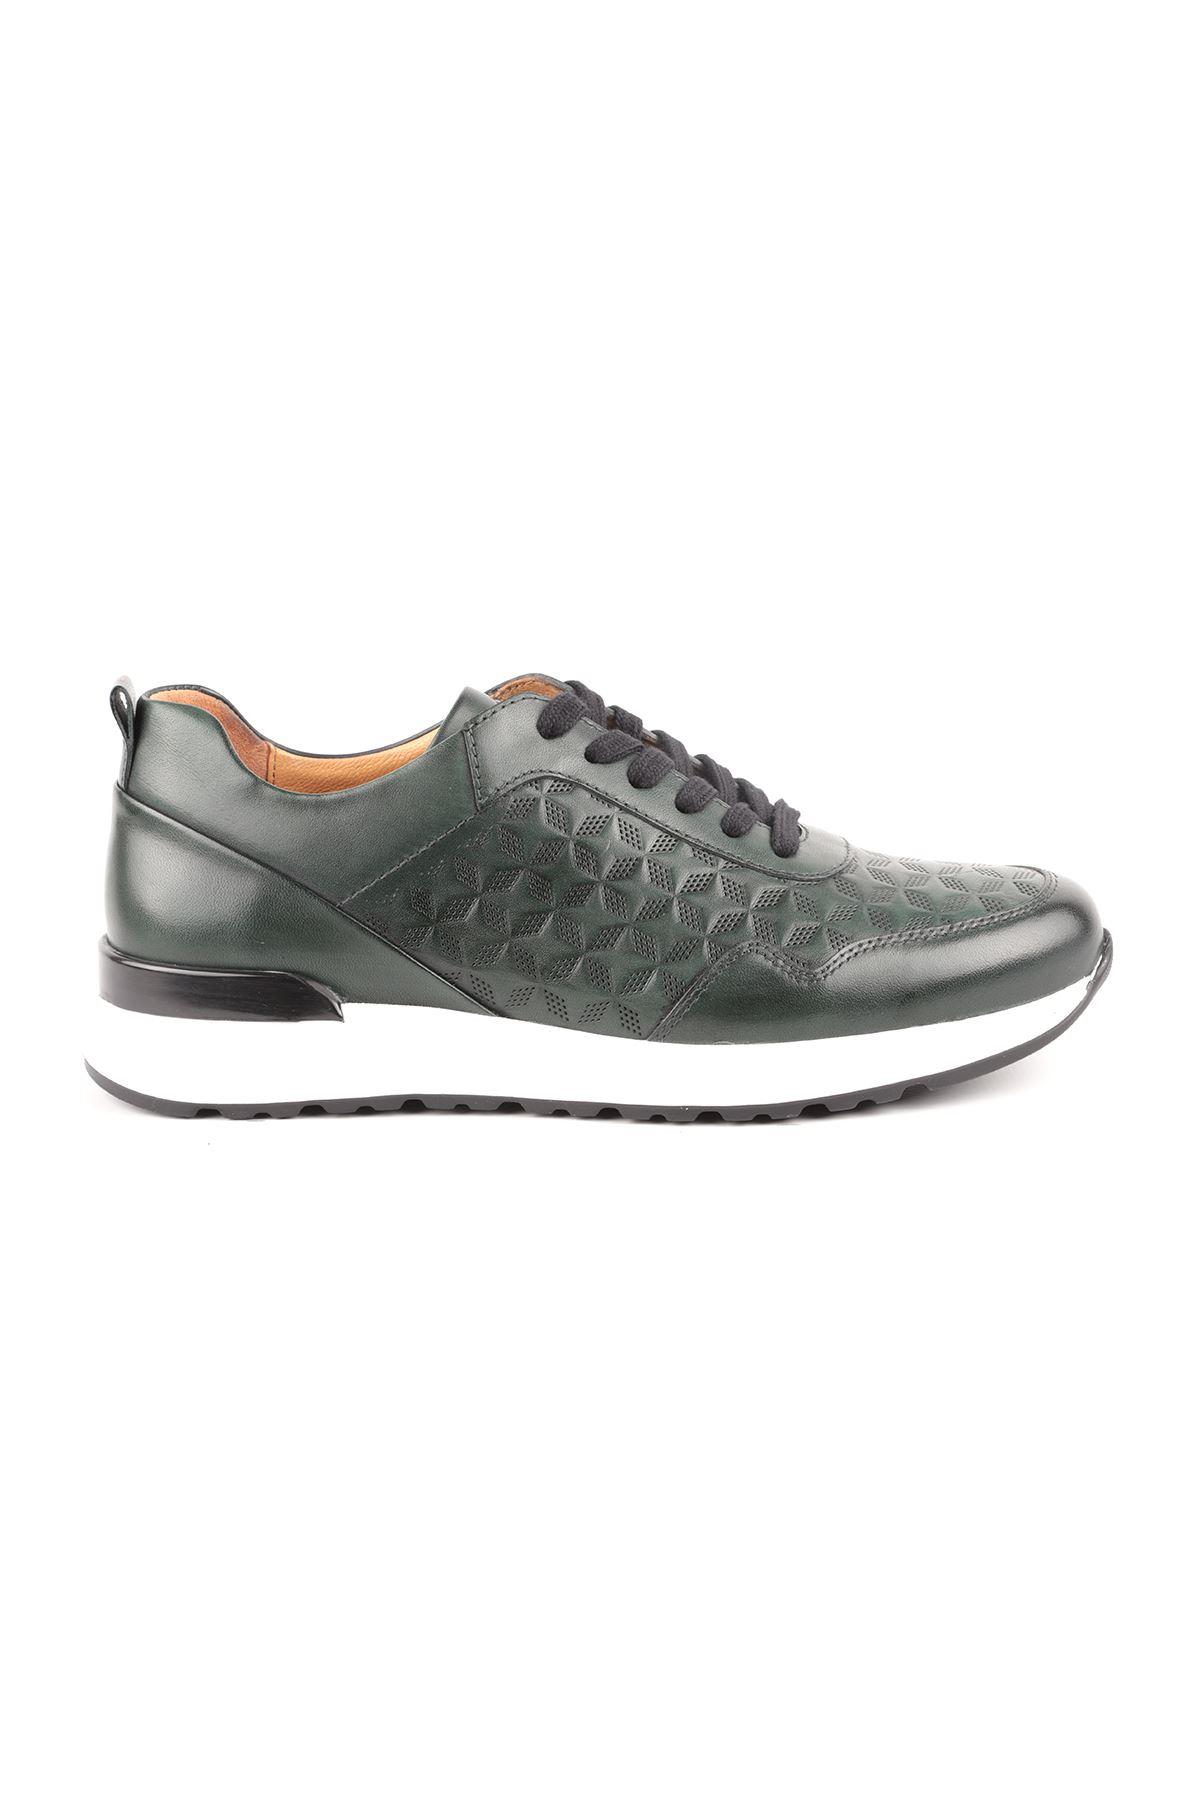 Libero L3752 Khaki Men Sport Shoes